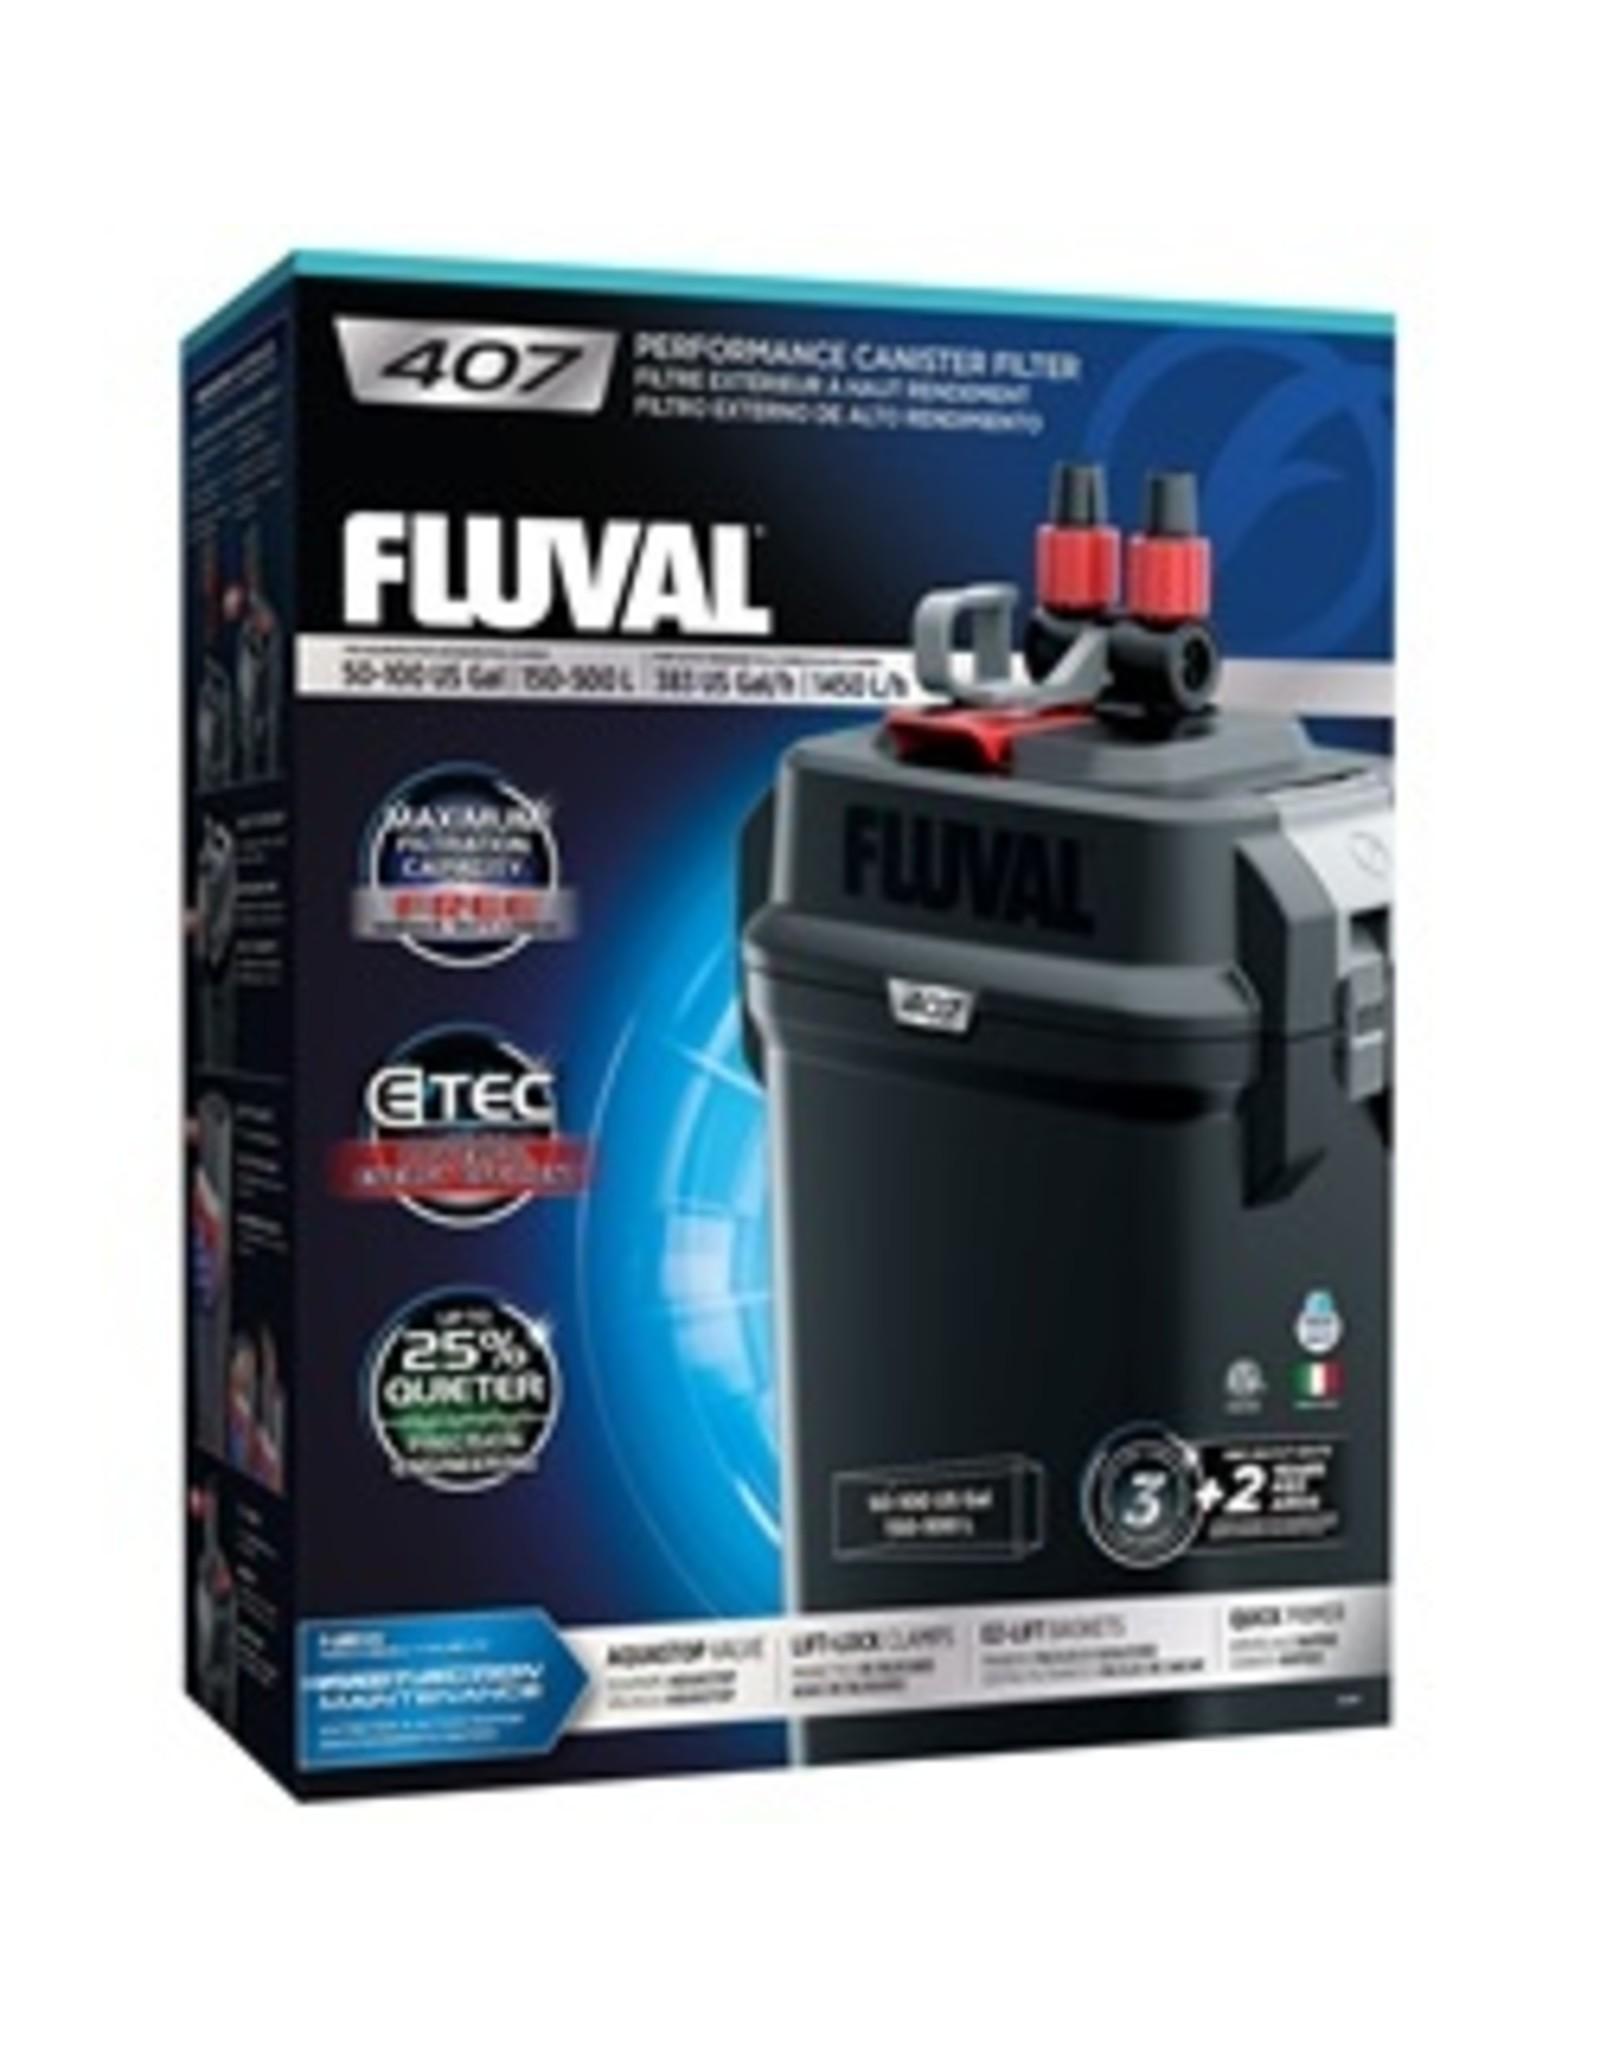 FL - Fluval Fluval 407 CANISTER FILTER - PP